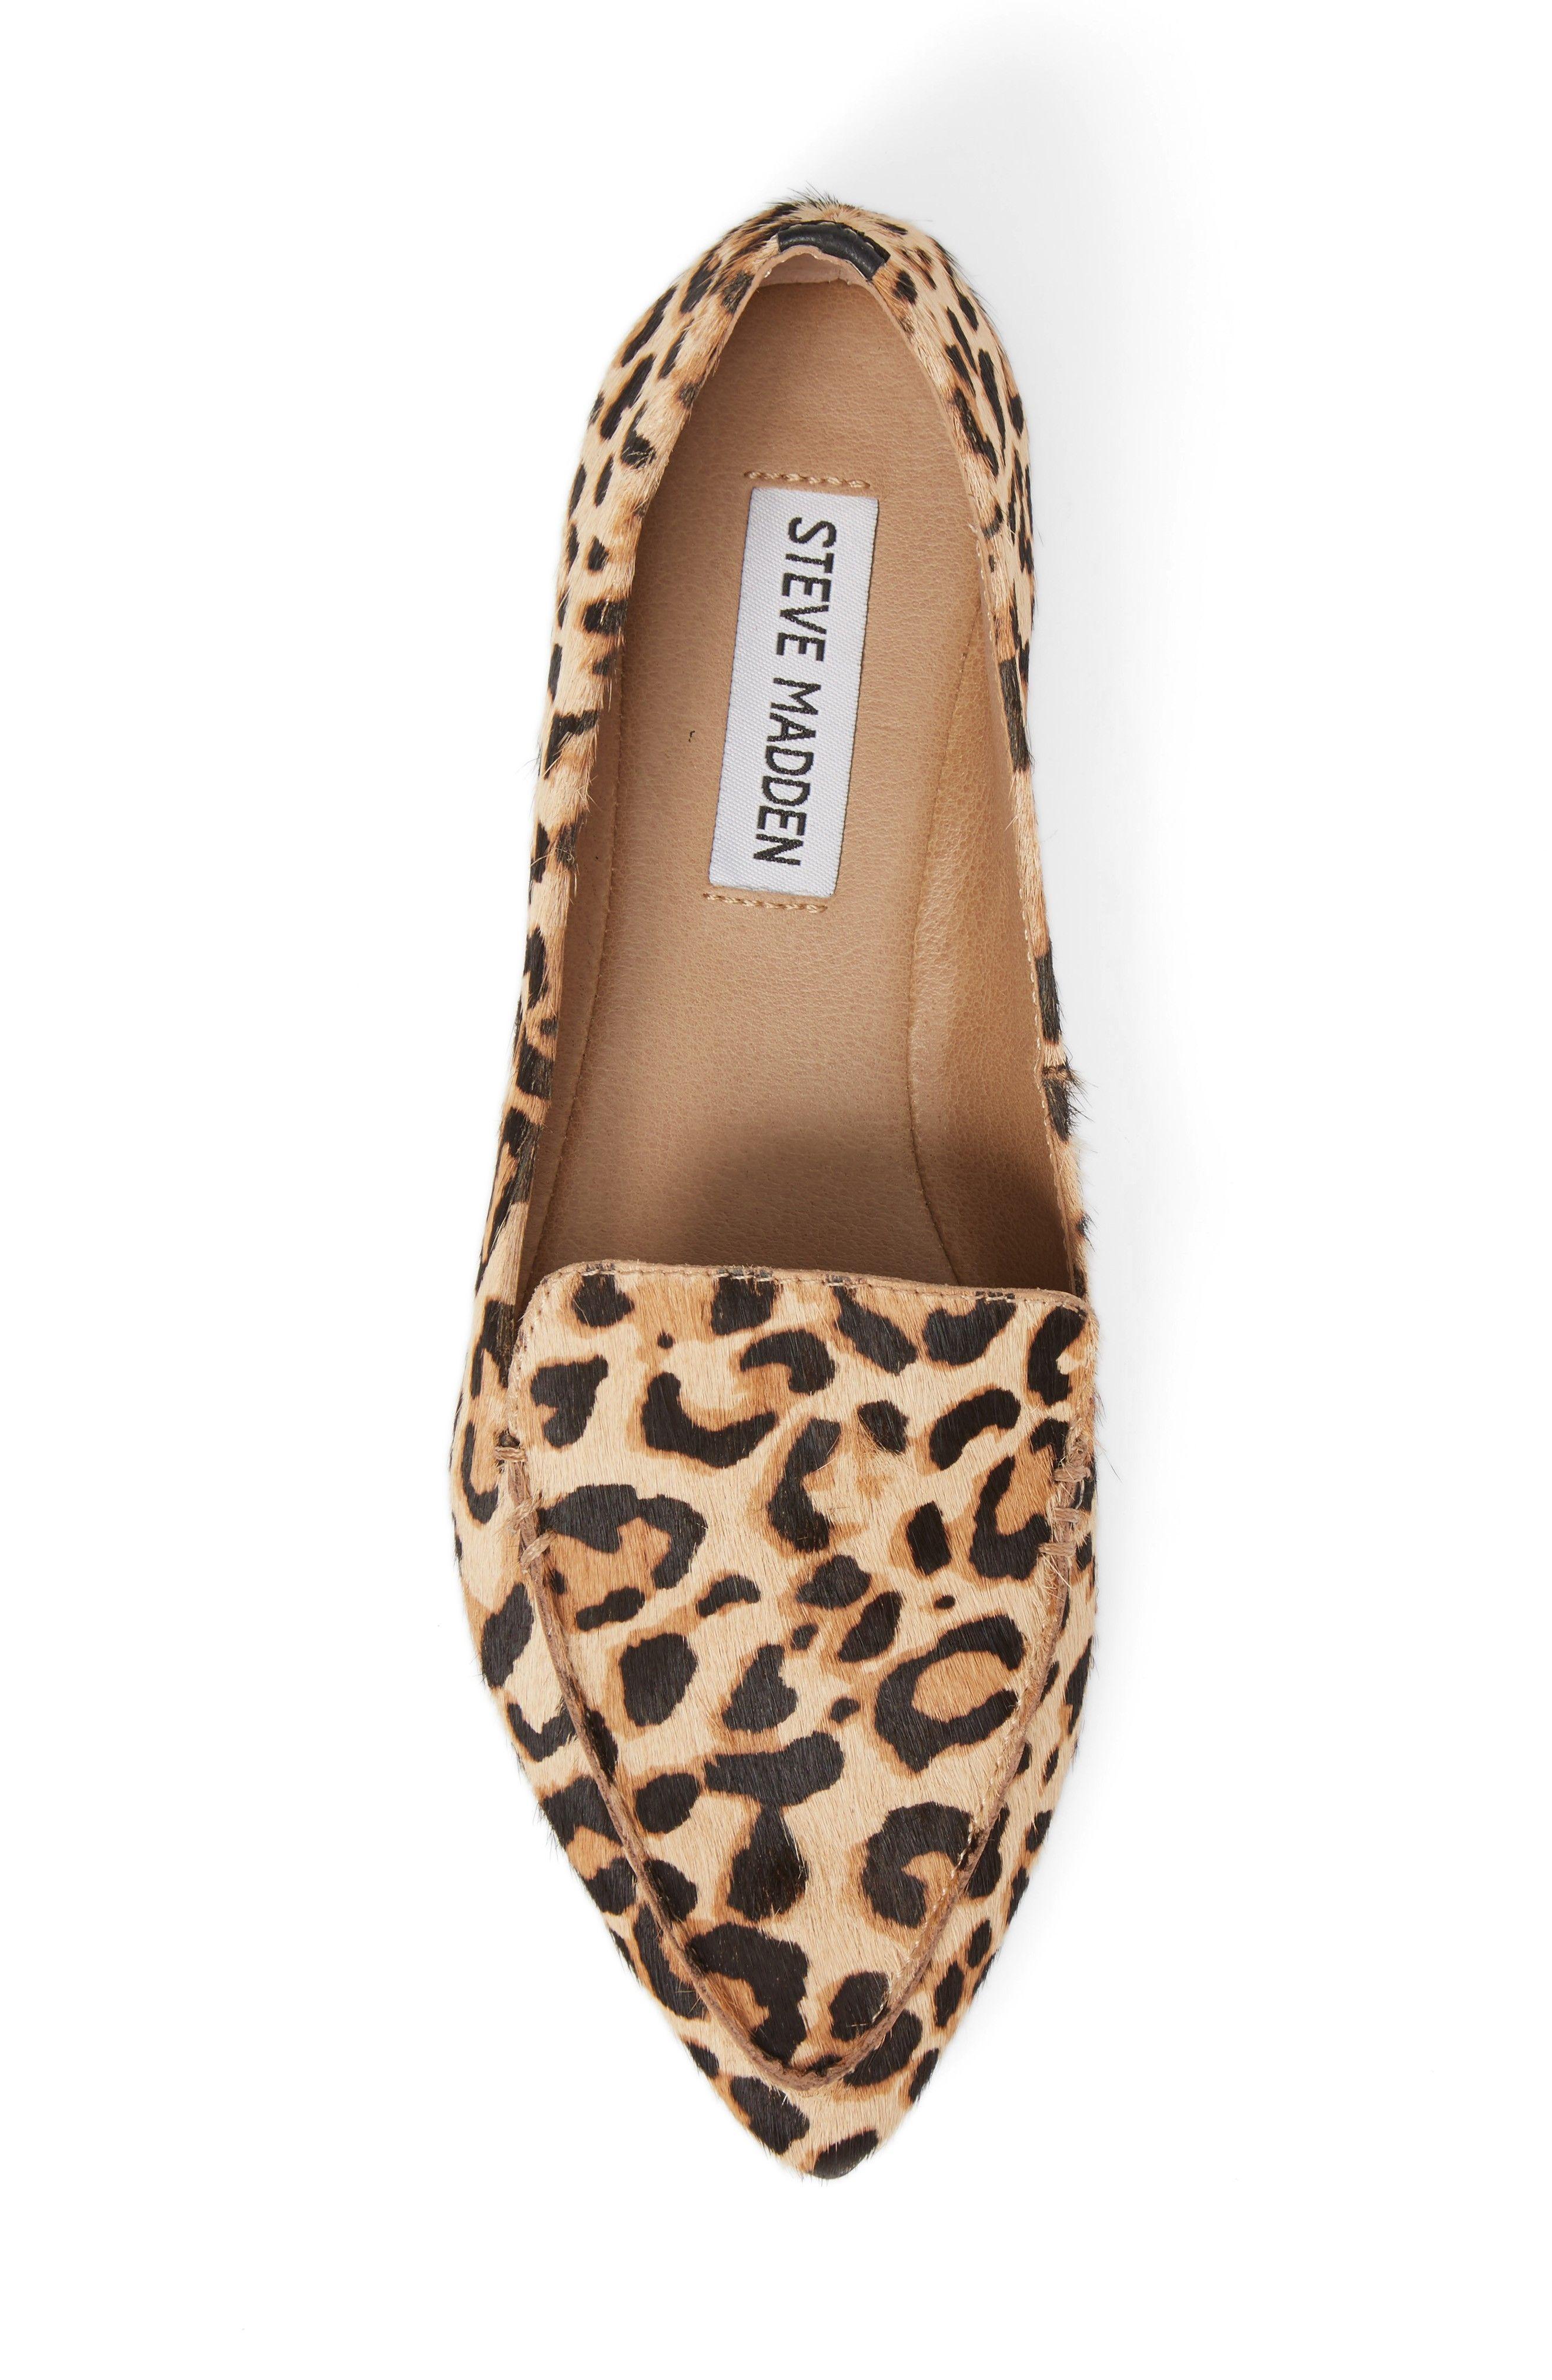 39e0b117471 Steve Madden Leopard Print Loafer